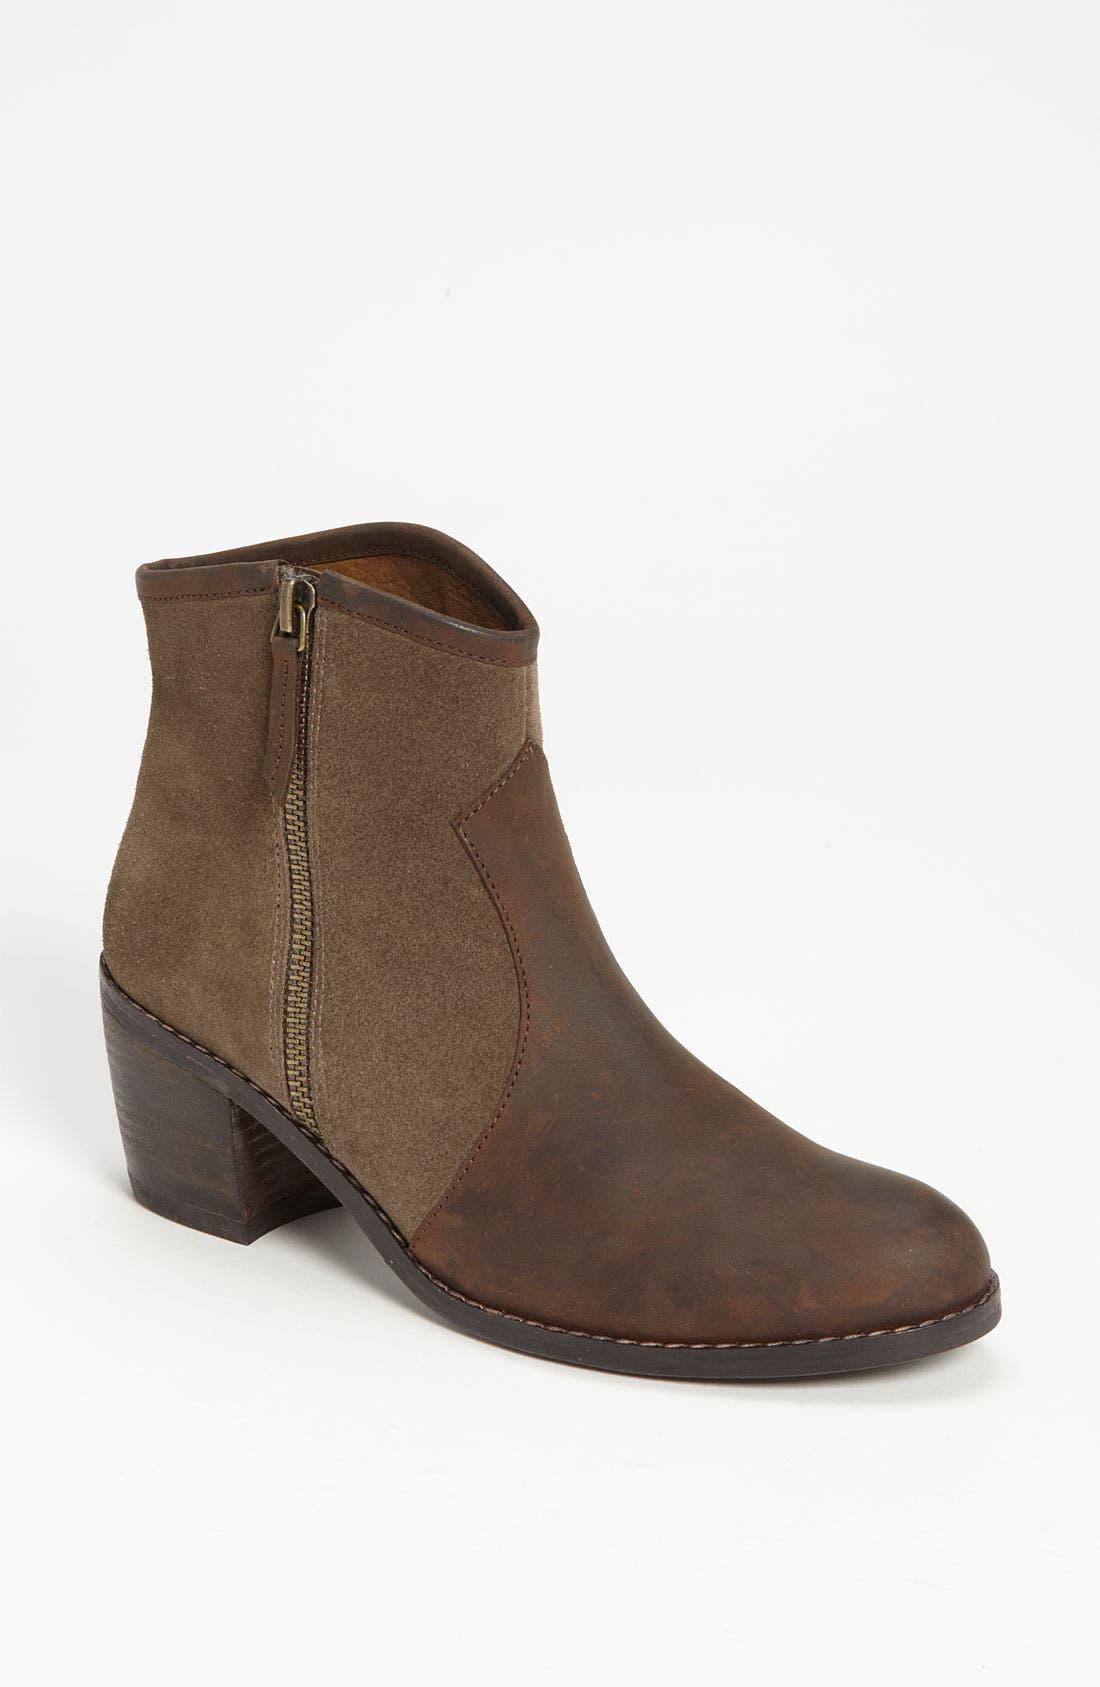 Main Image - Matisse 'Pricilla' Boot